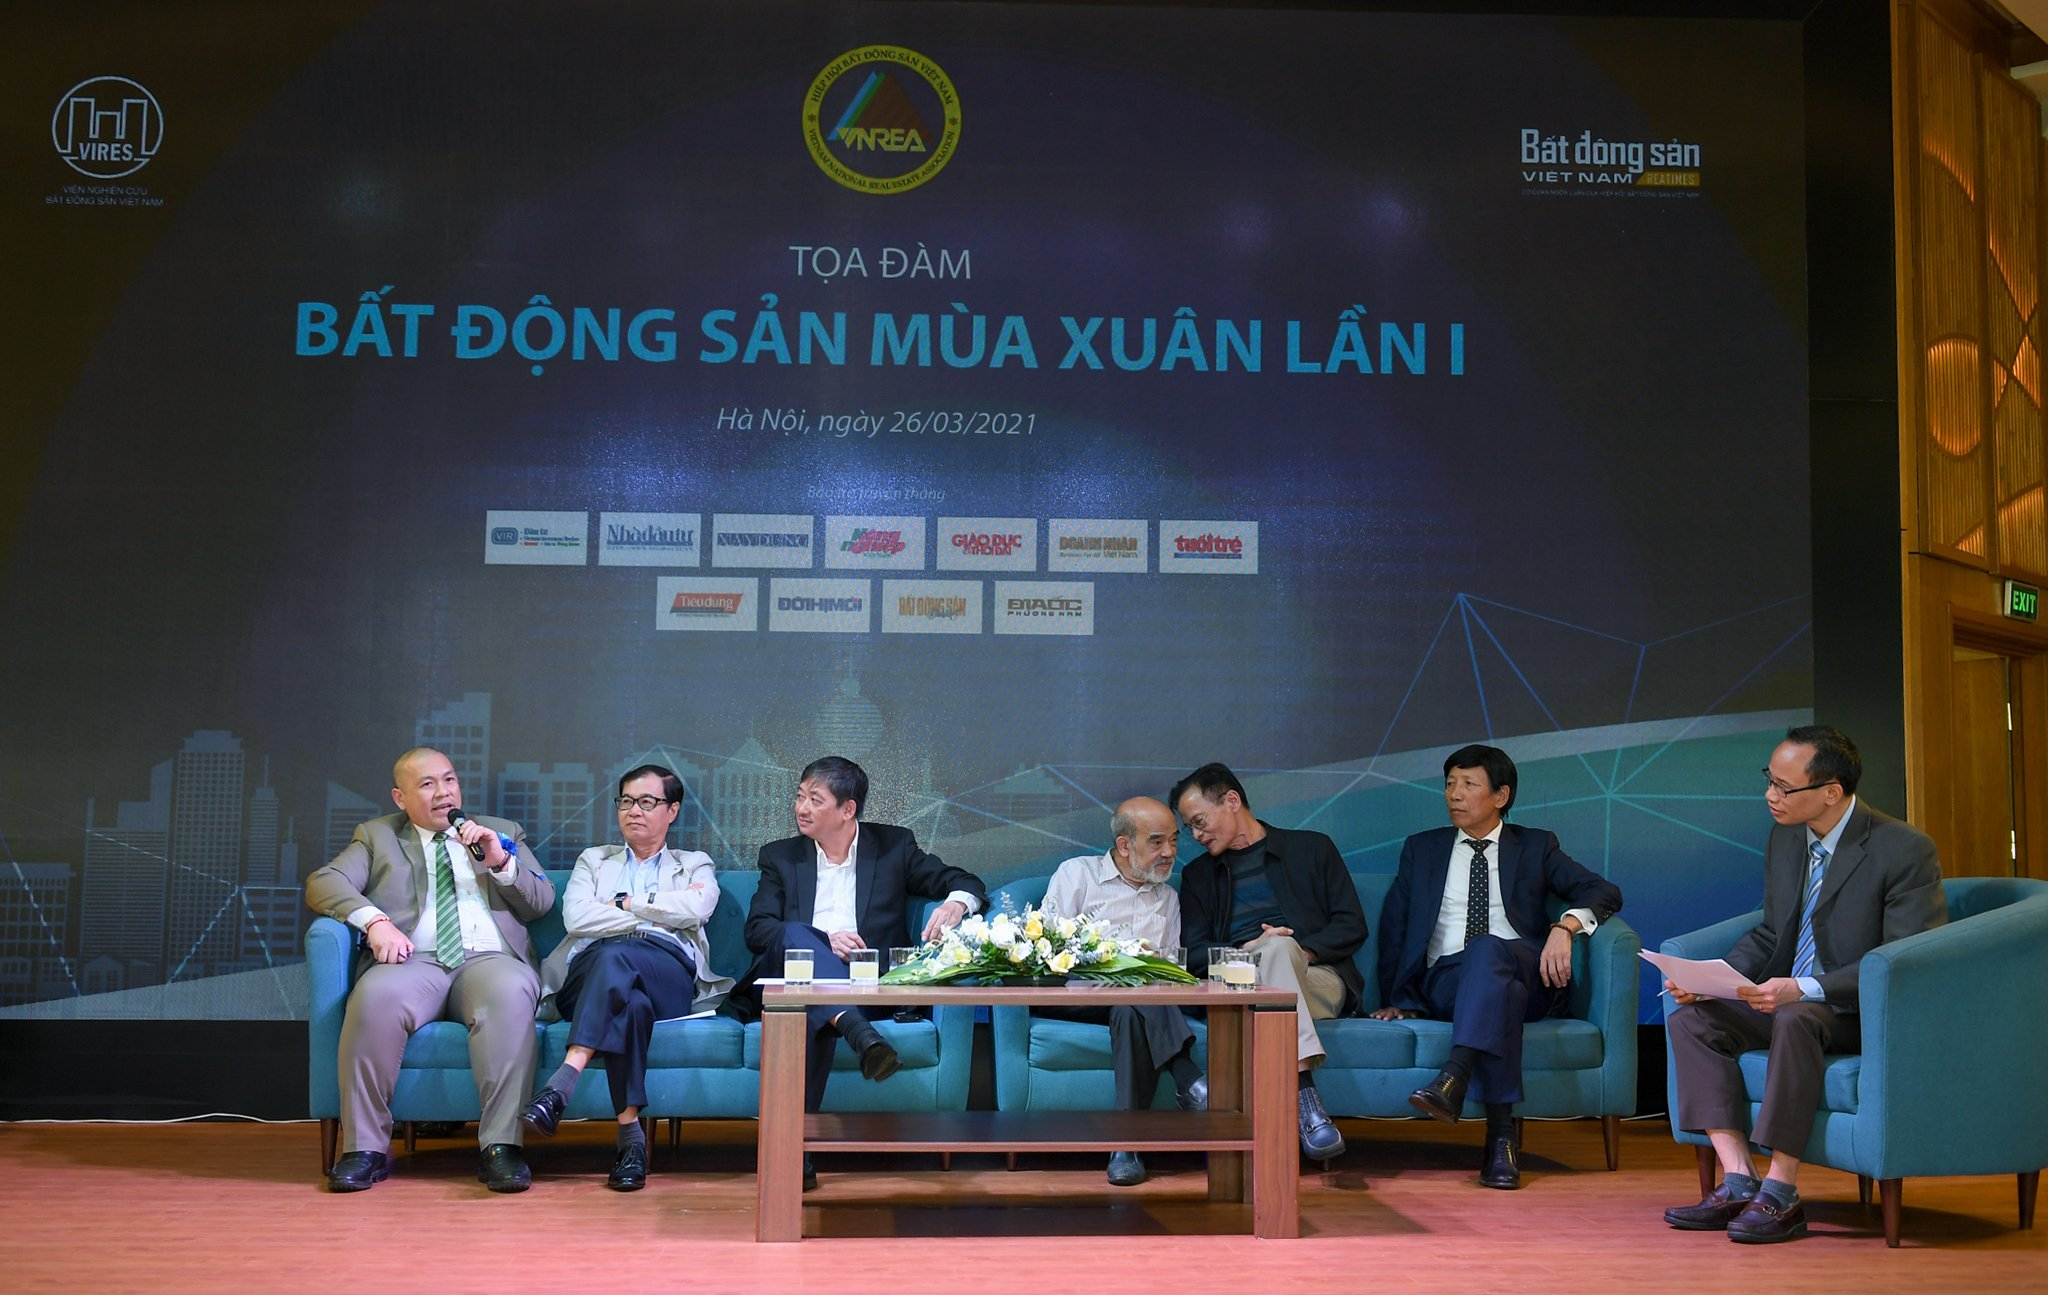 Hưng Thịnh Land khẳng định vị thế trong Top 10 nhà phát triển Bất Động Sản hàng đầu Việt Nam 2020 5